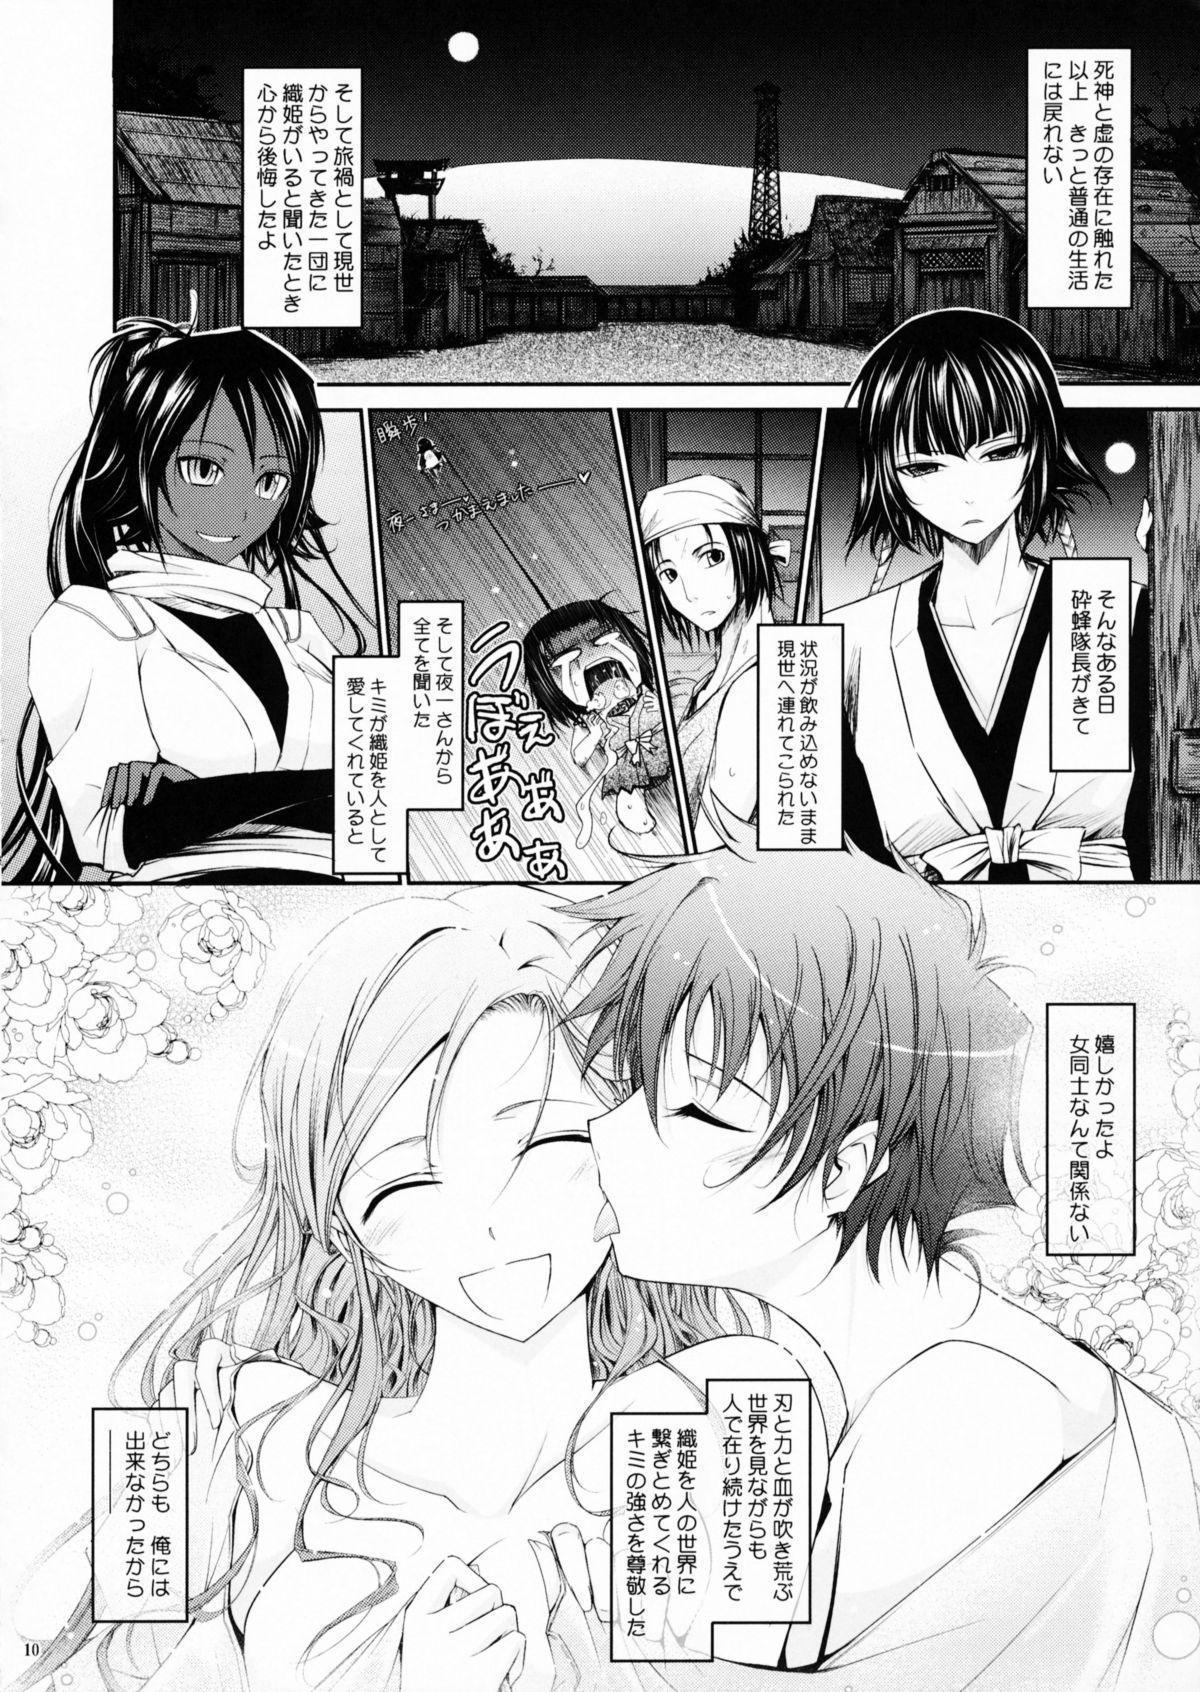 (C75) [Garyuh Chitai (TANA)] Aki-Akane -Kouhen 1- (Bleach) 8